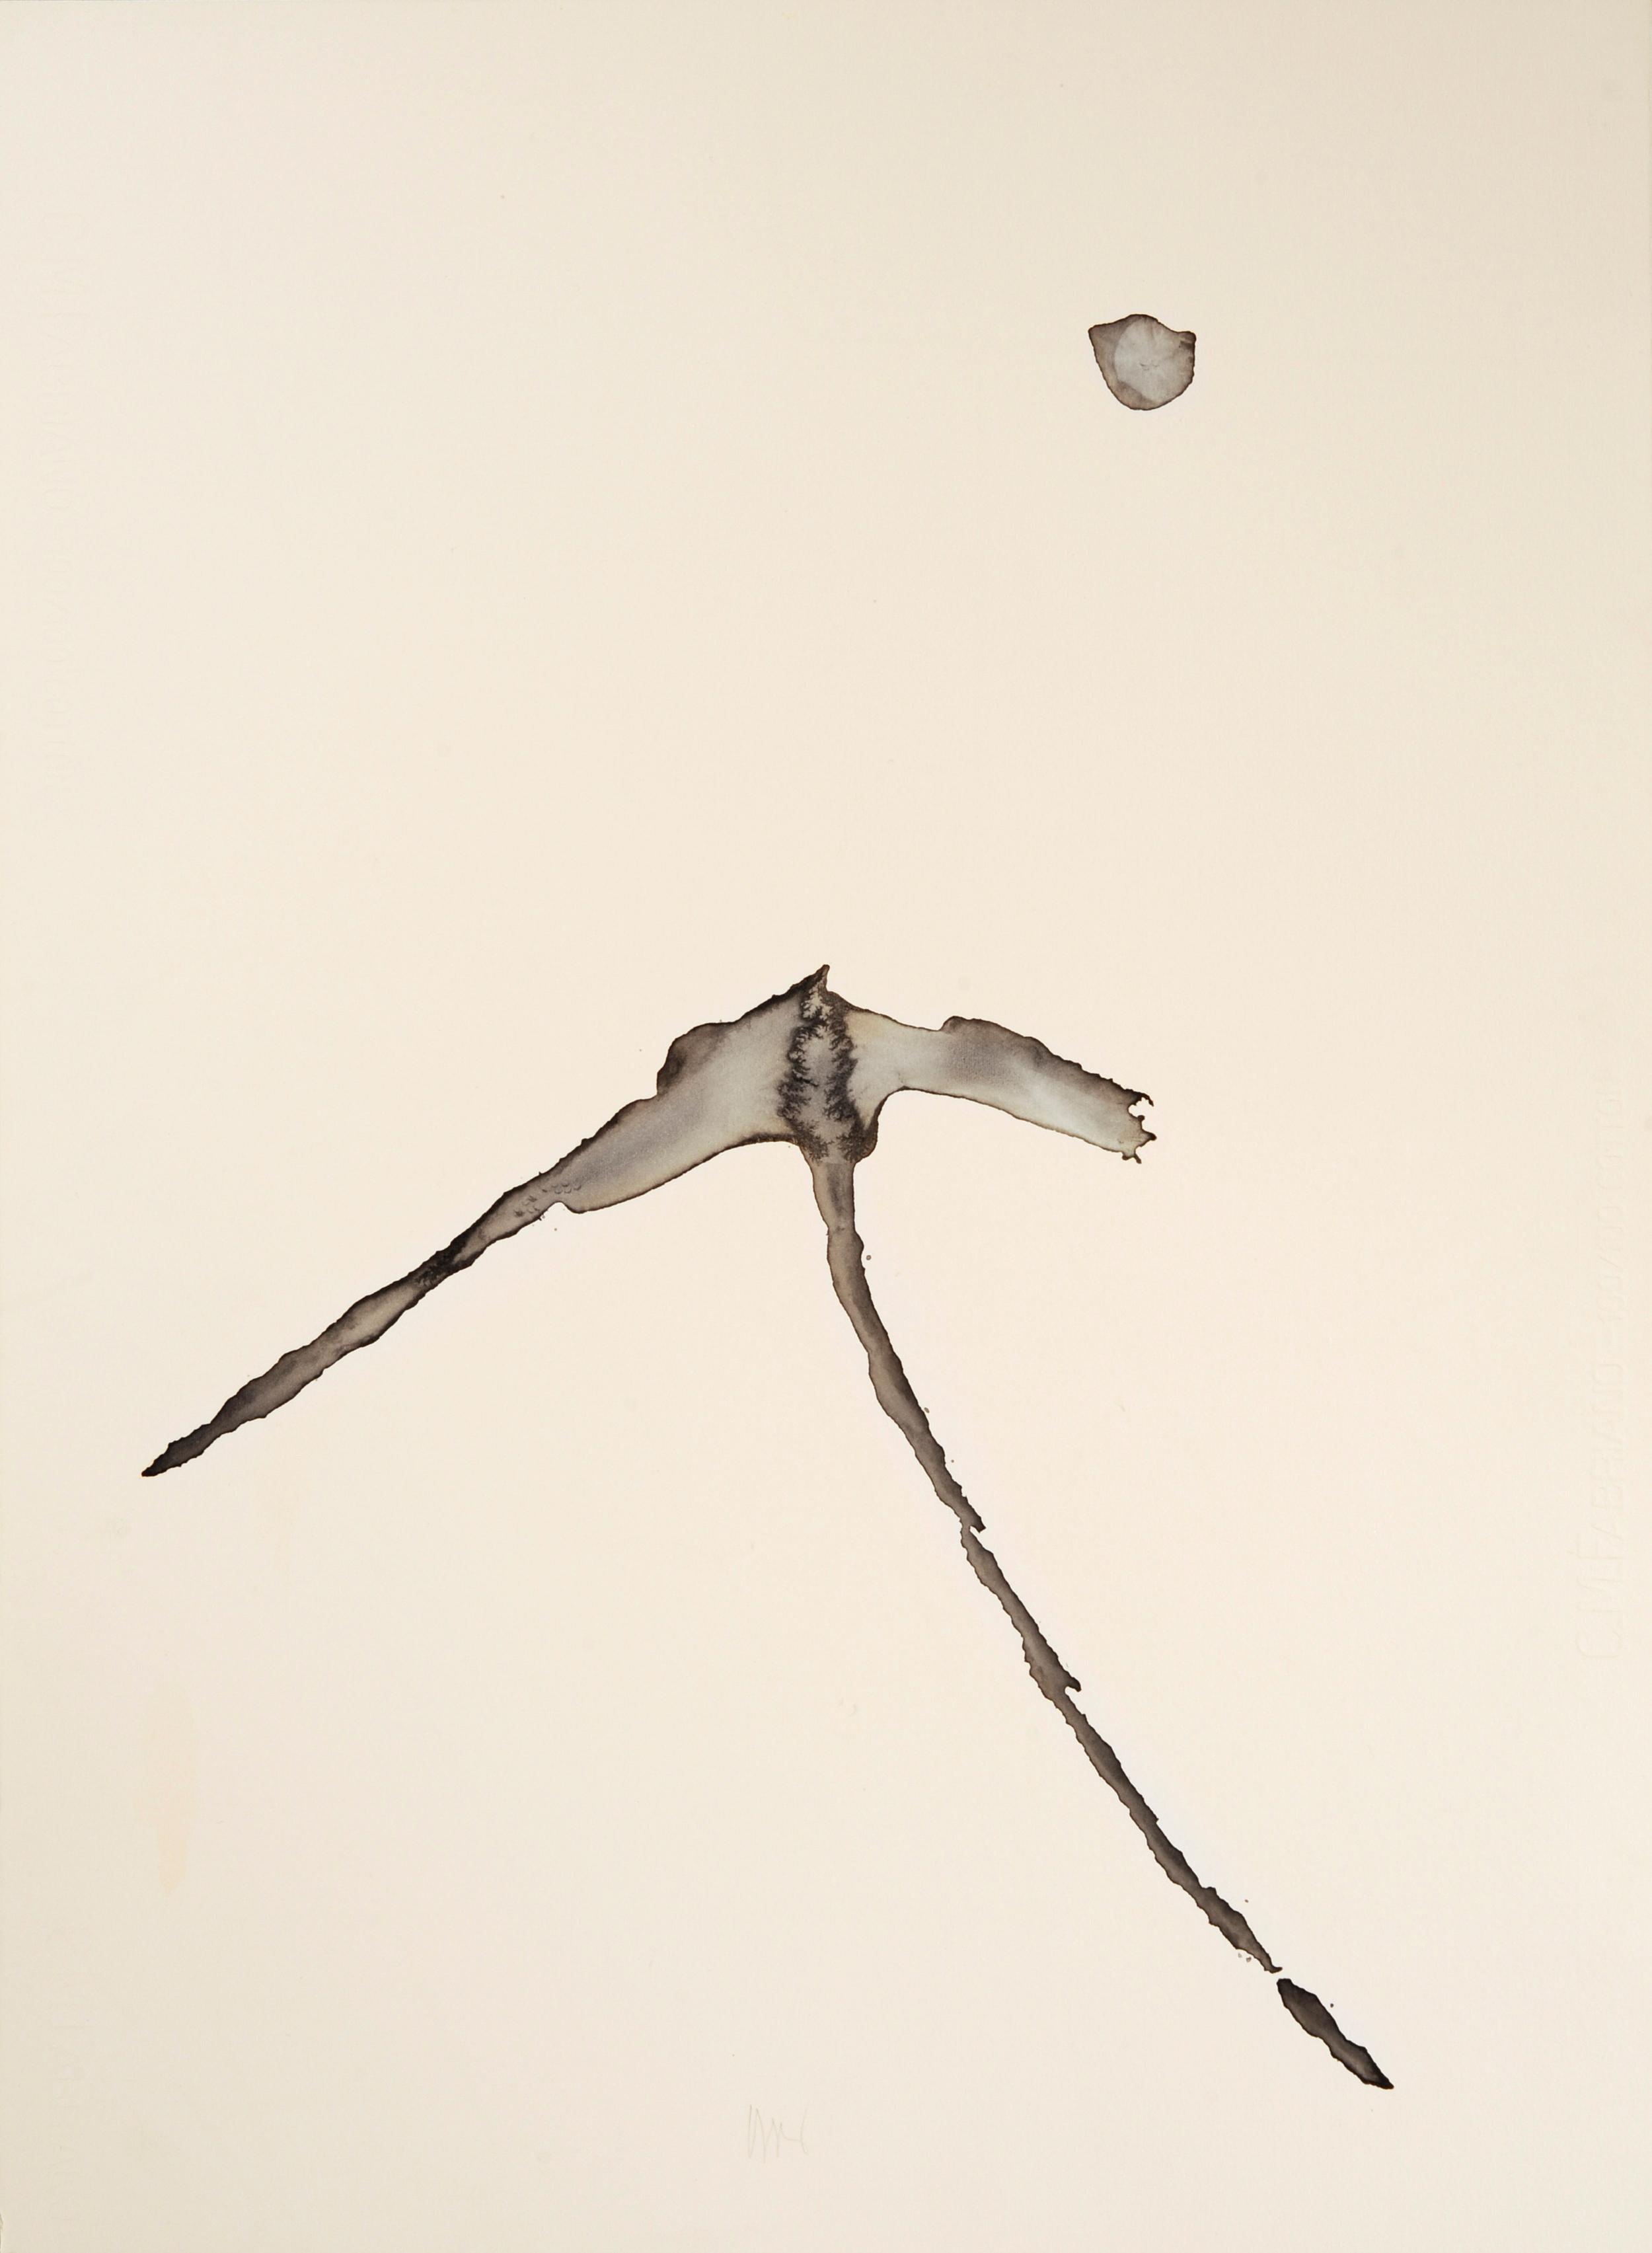 """senza titolo, dalla serie """"Epifania dell'innocenza"""", 1992, acrilico su carta Fabriano, cm 76 x 57  untitled, from the series """"Epifania dell'innocenza"""", 1992, acrylic on Fabriano paper, cm 76 x 57"""